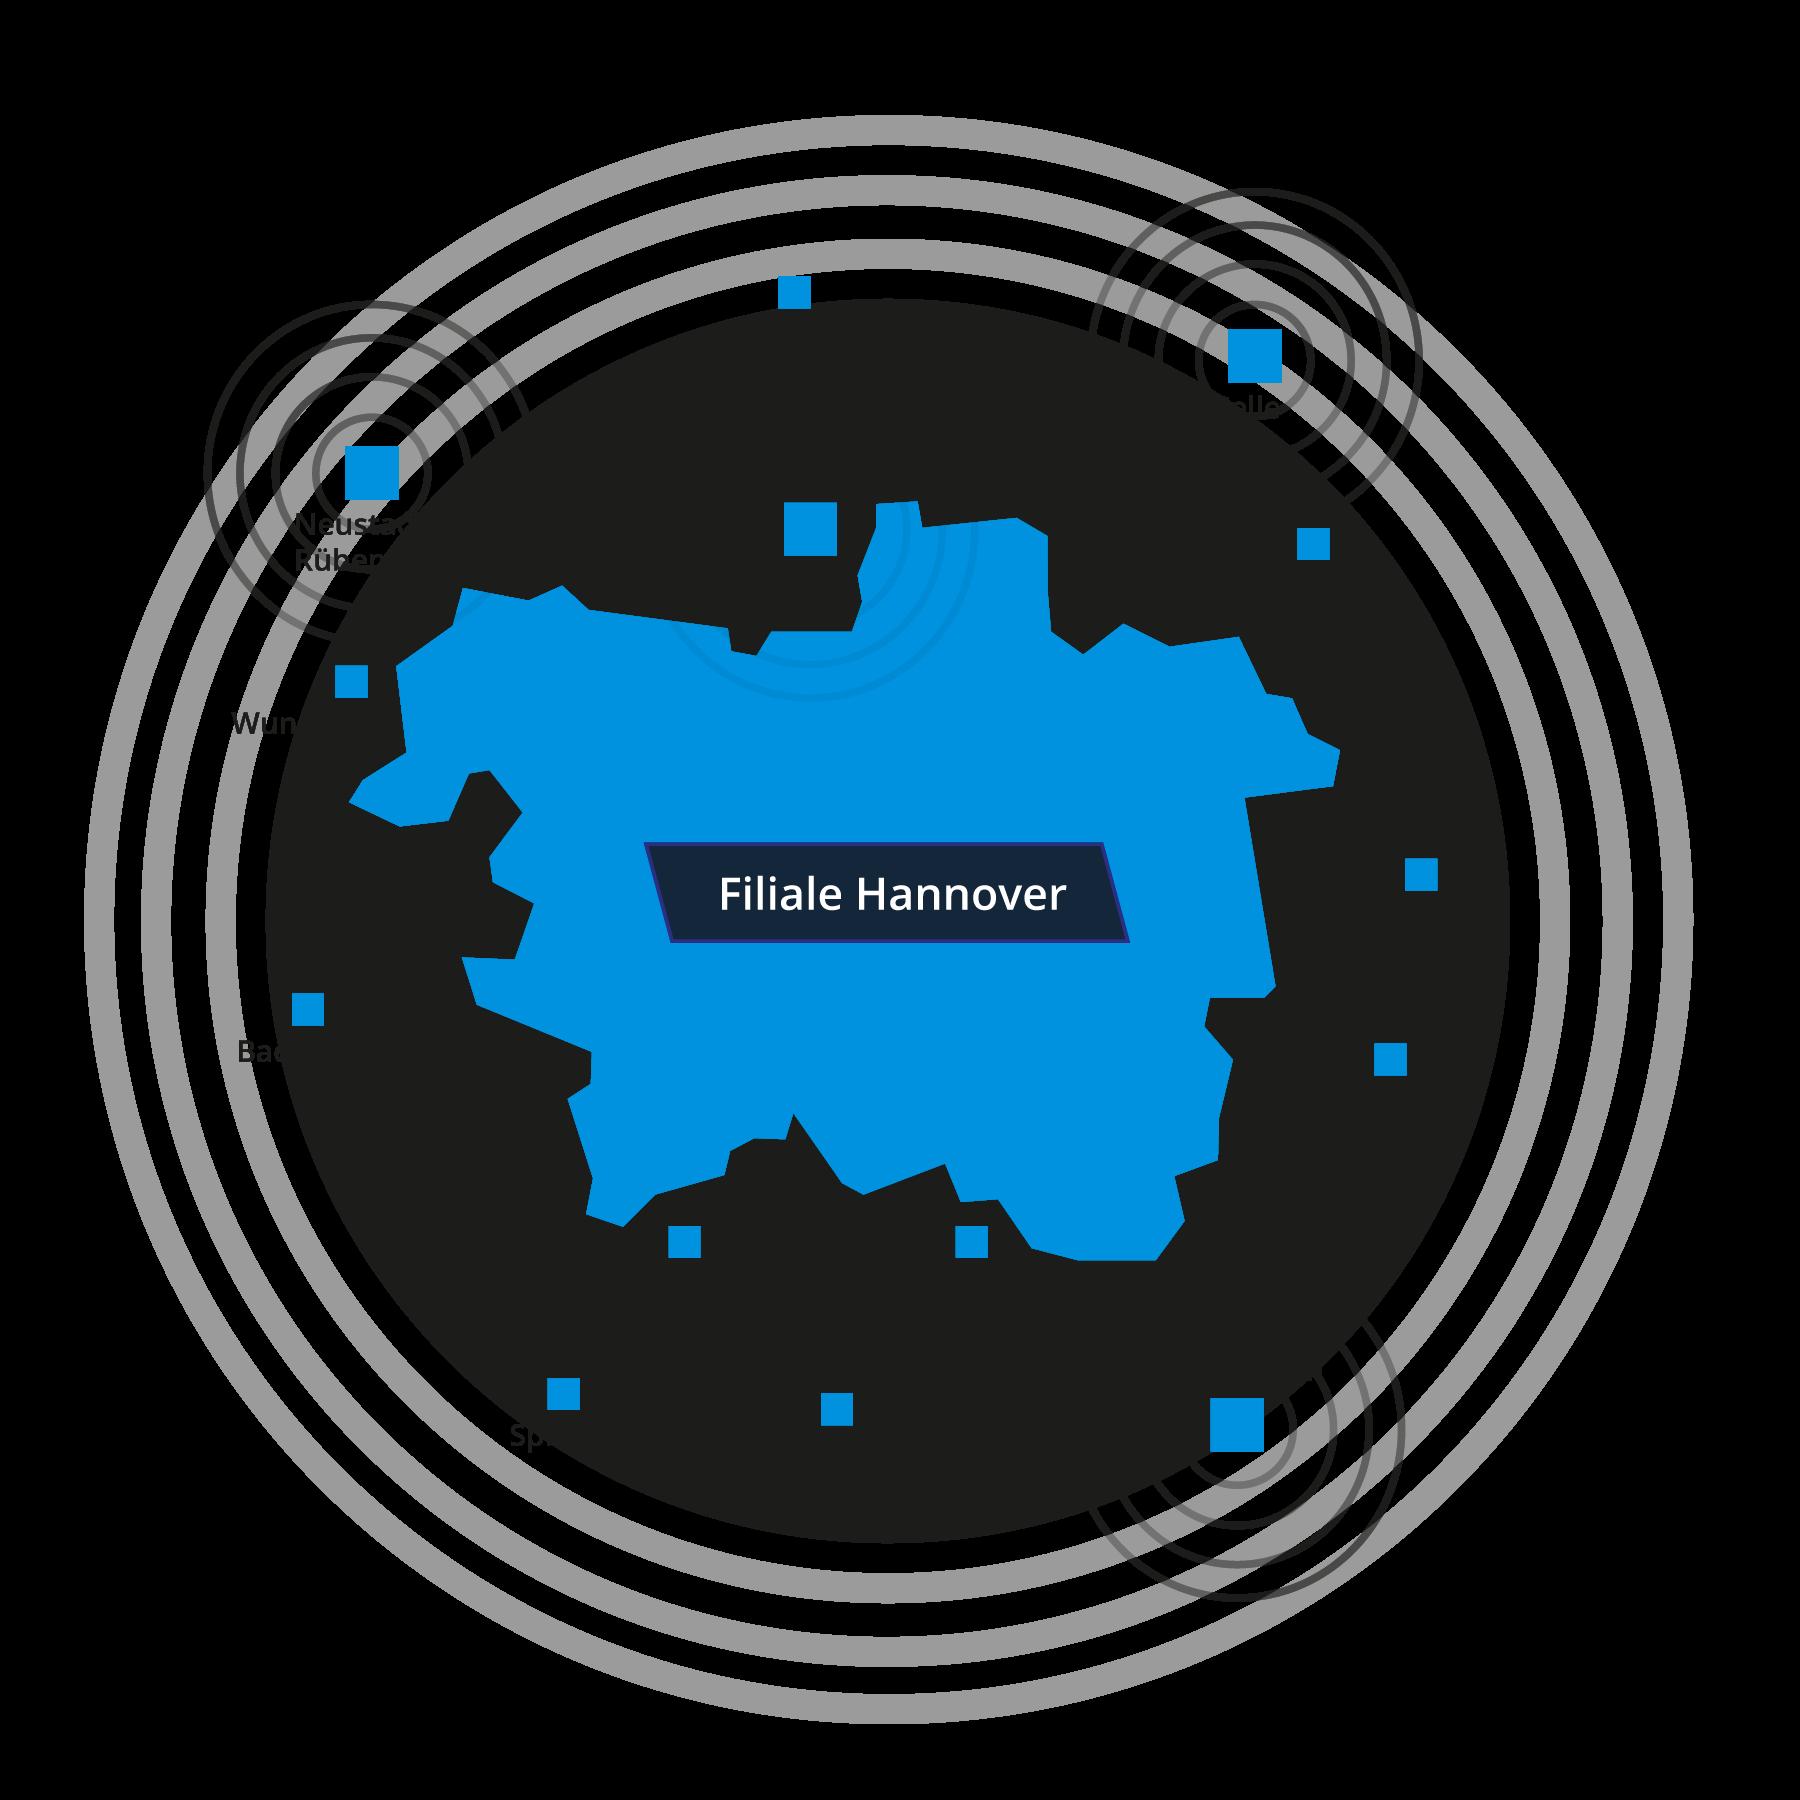 Regionen-um-Hannover-zum-auto-beleihen